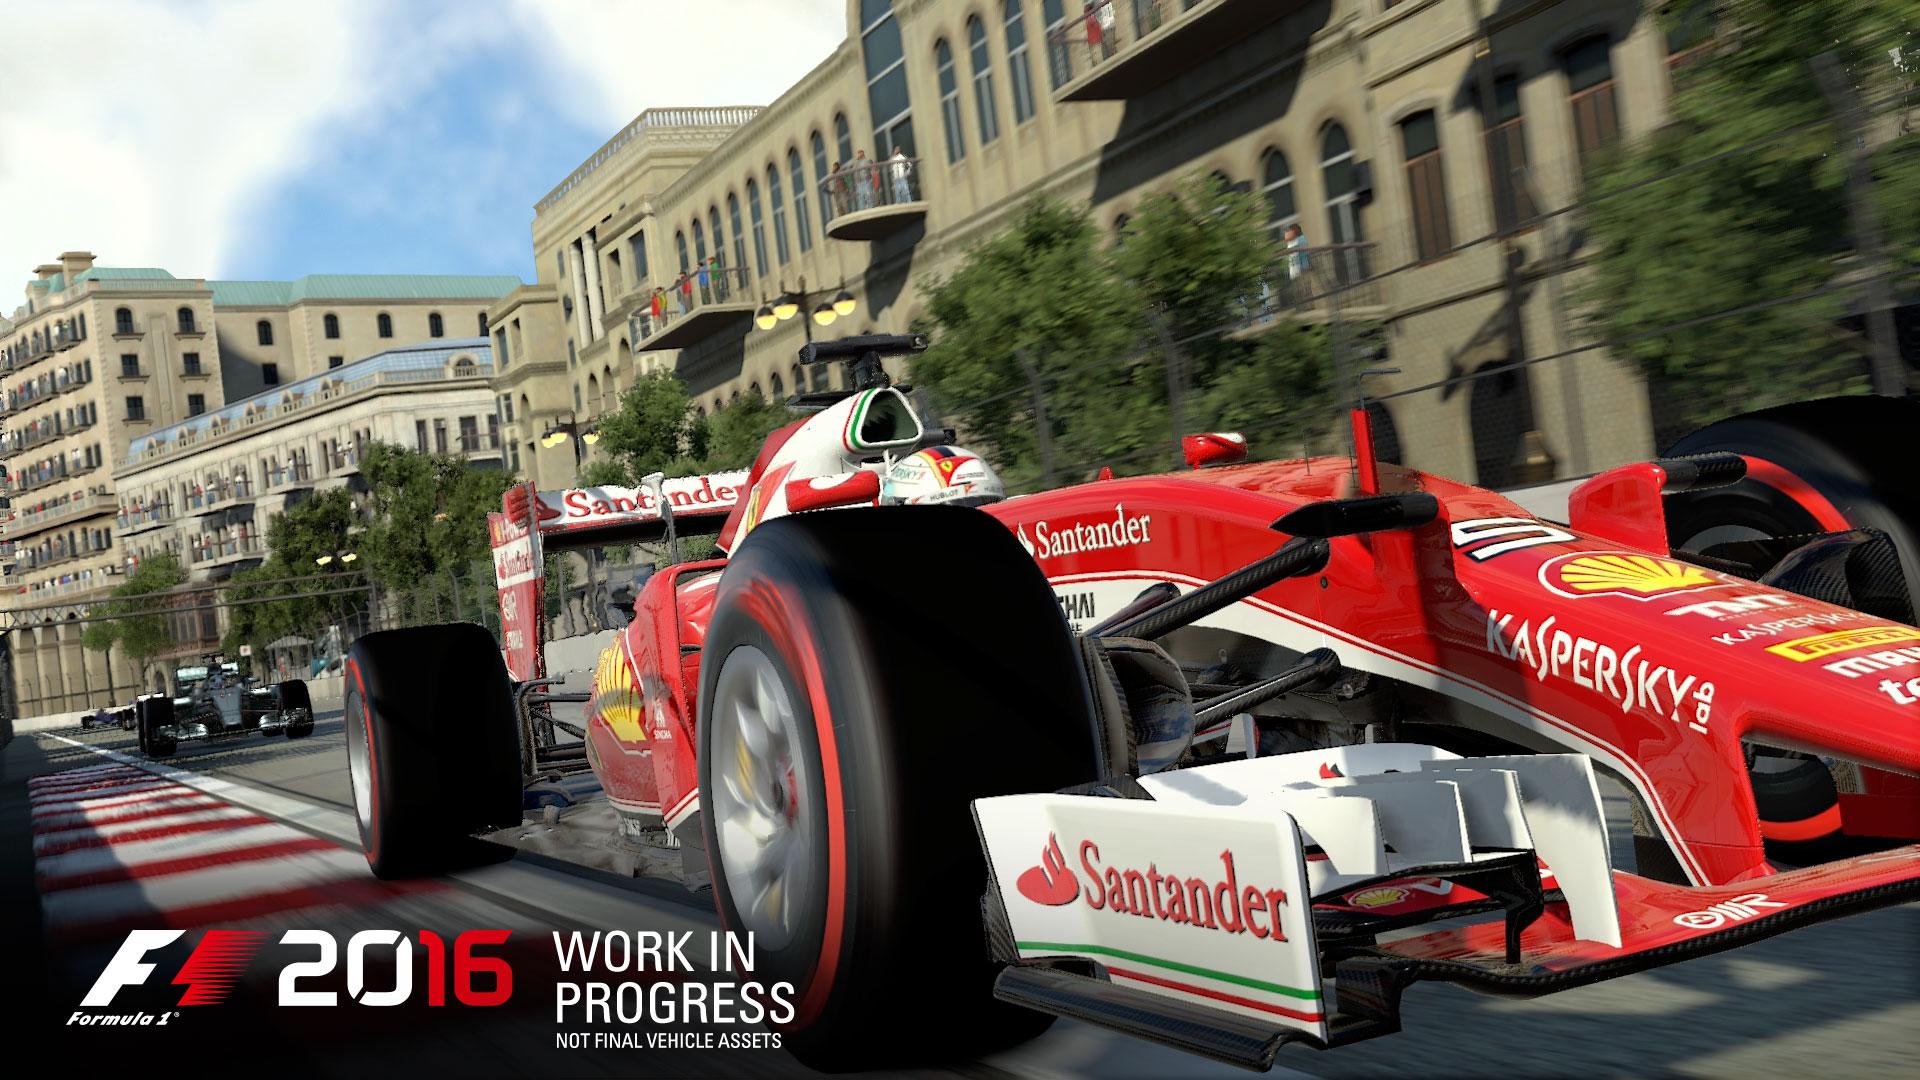 F1 2016 - game screen - Scuderia Ferrari